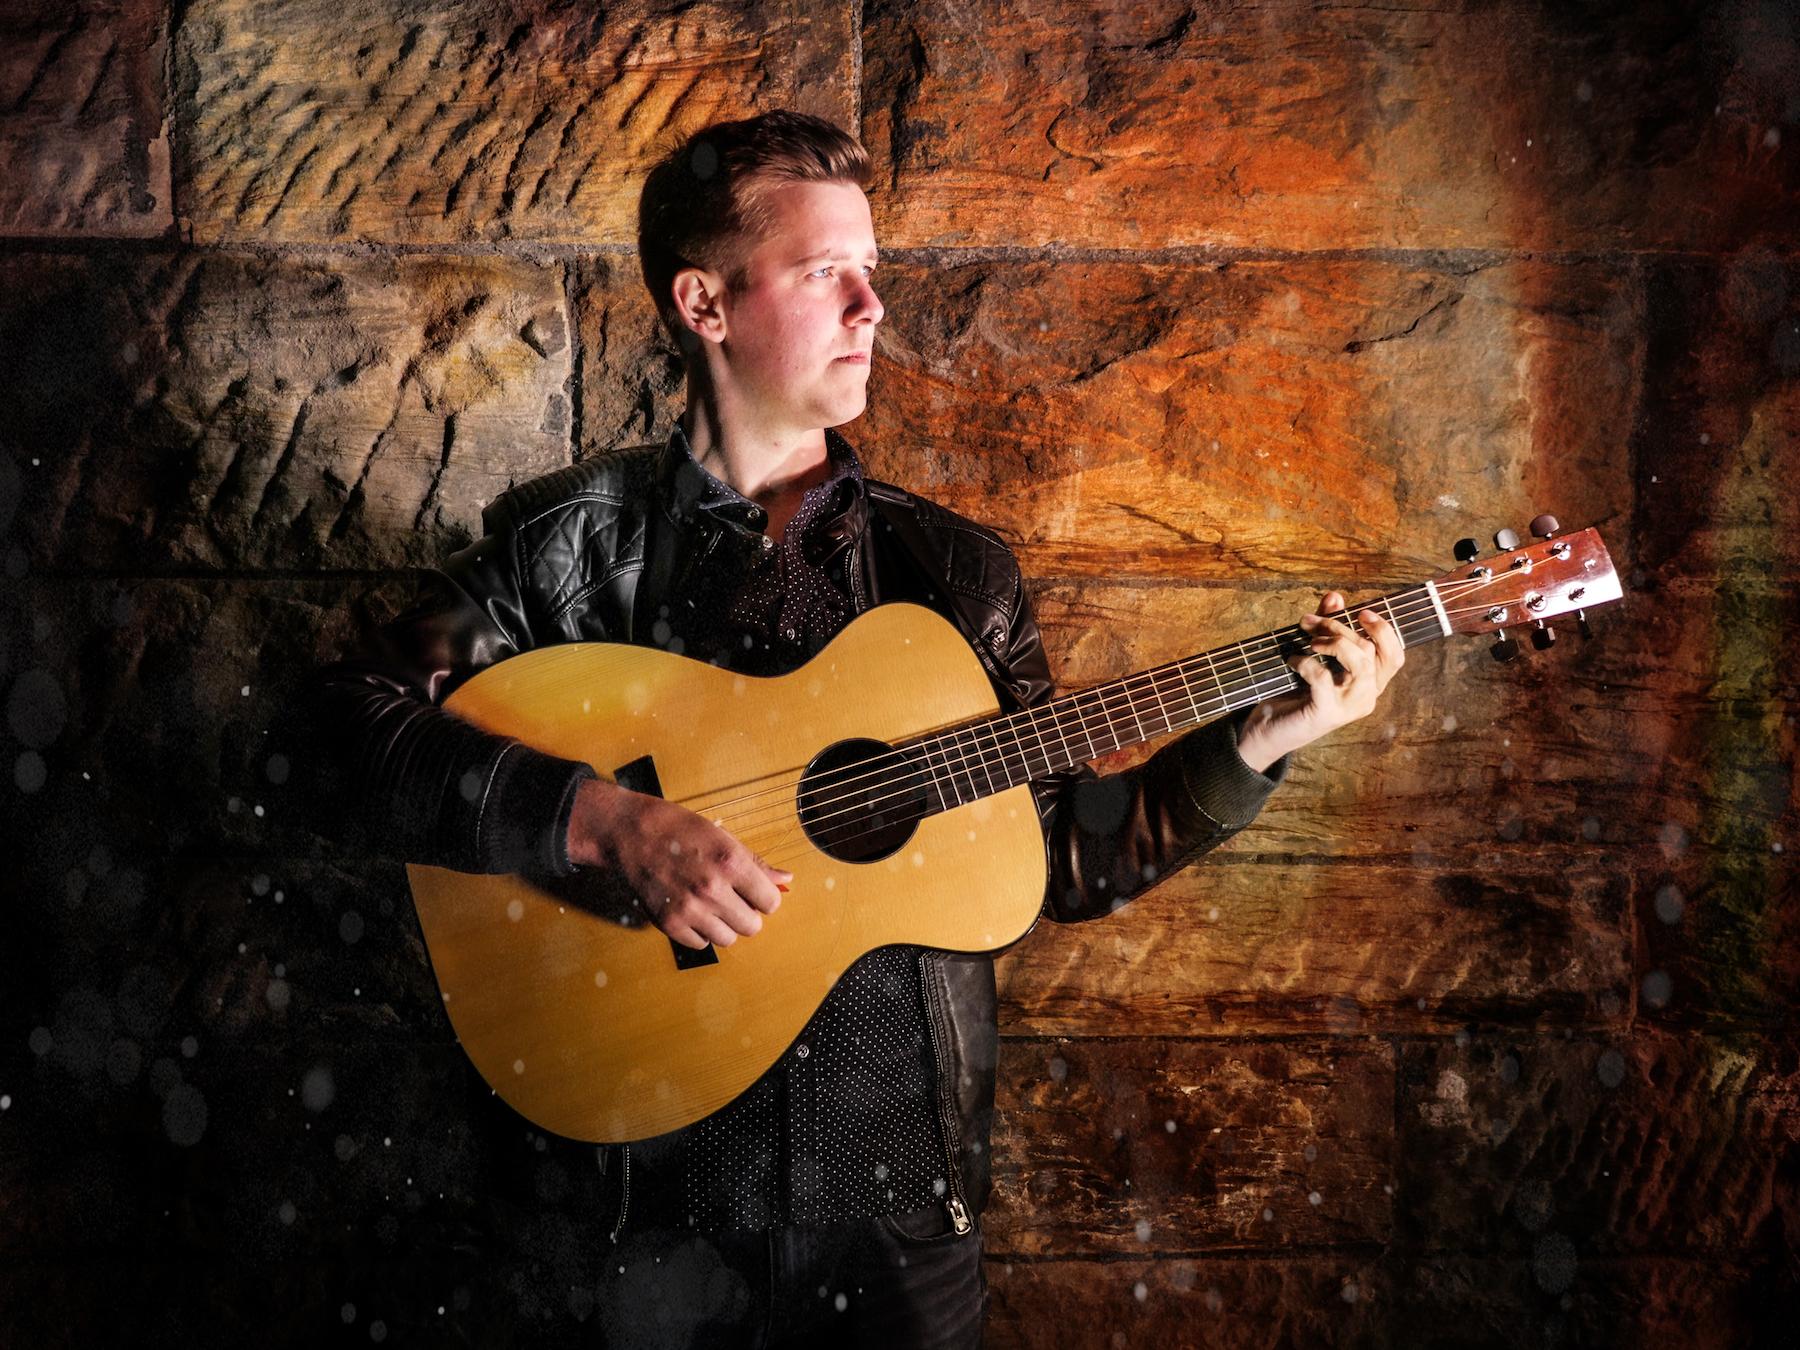 Graeme at the Taran Guitars workshop with his new guitar